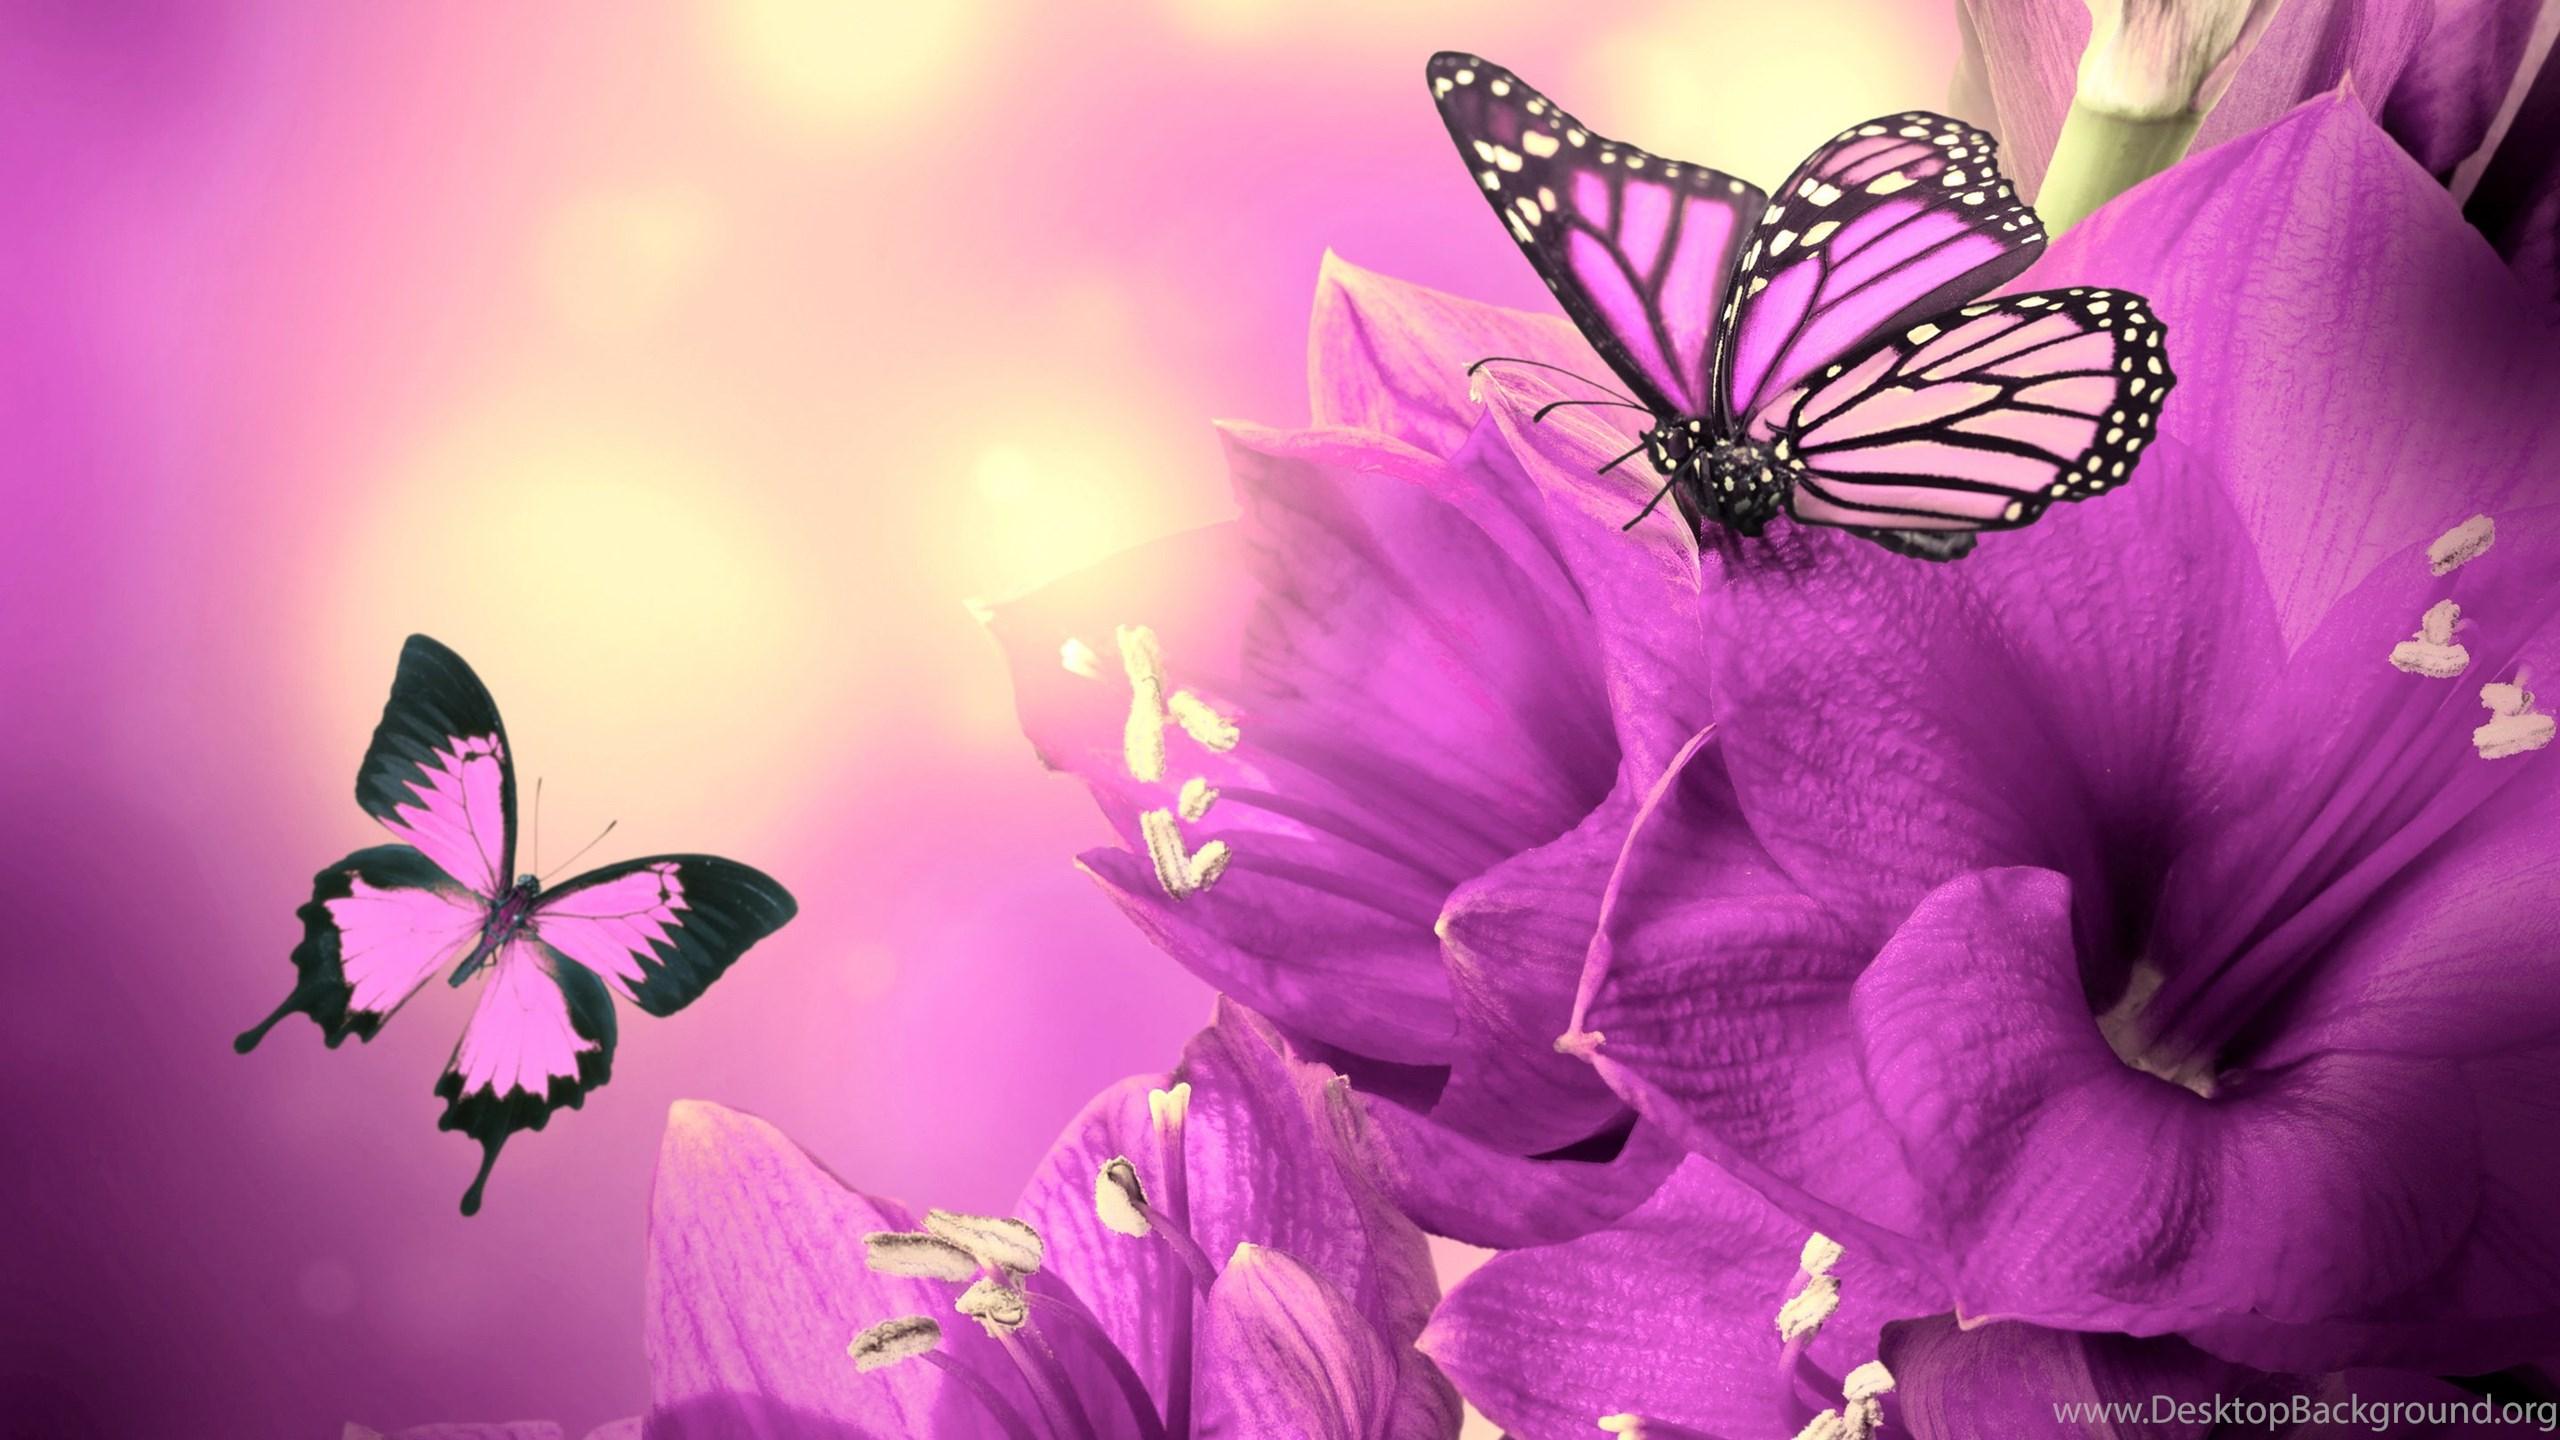 Purple butterfly wallpaper - photo#44